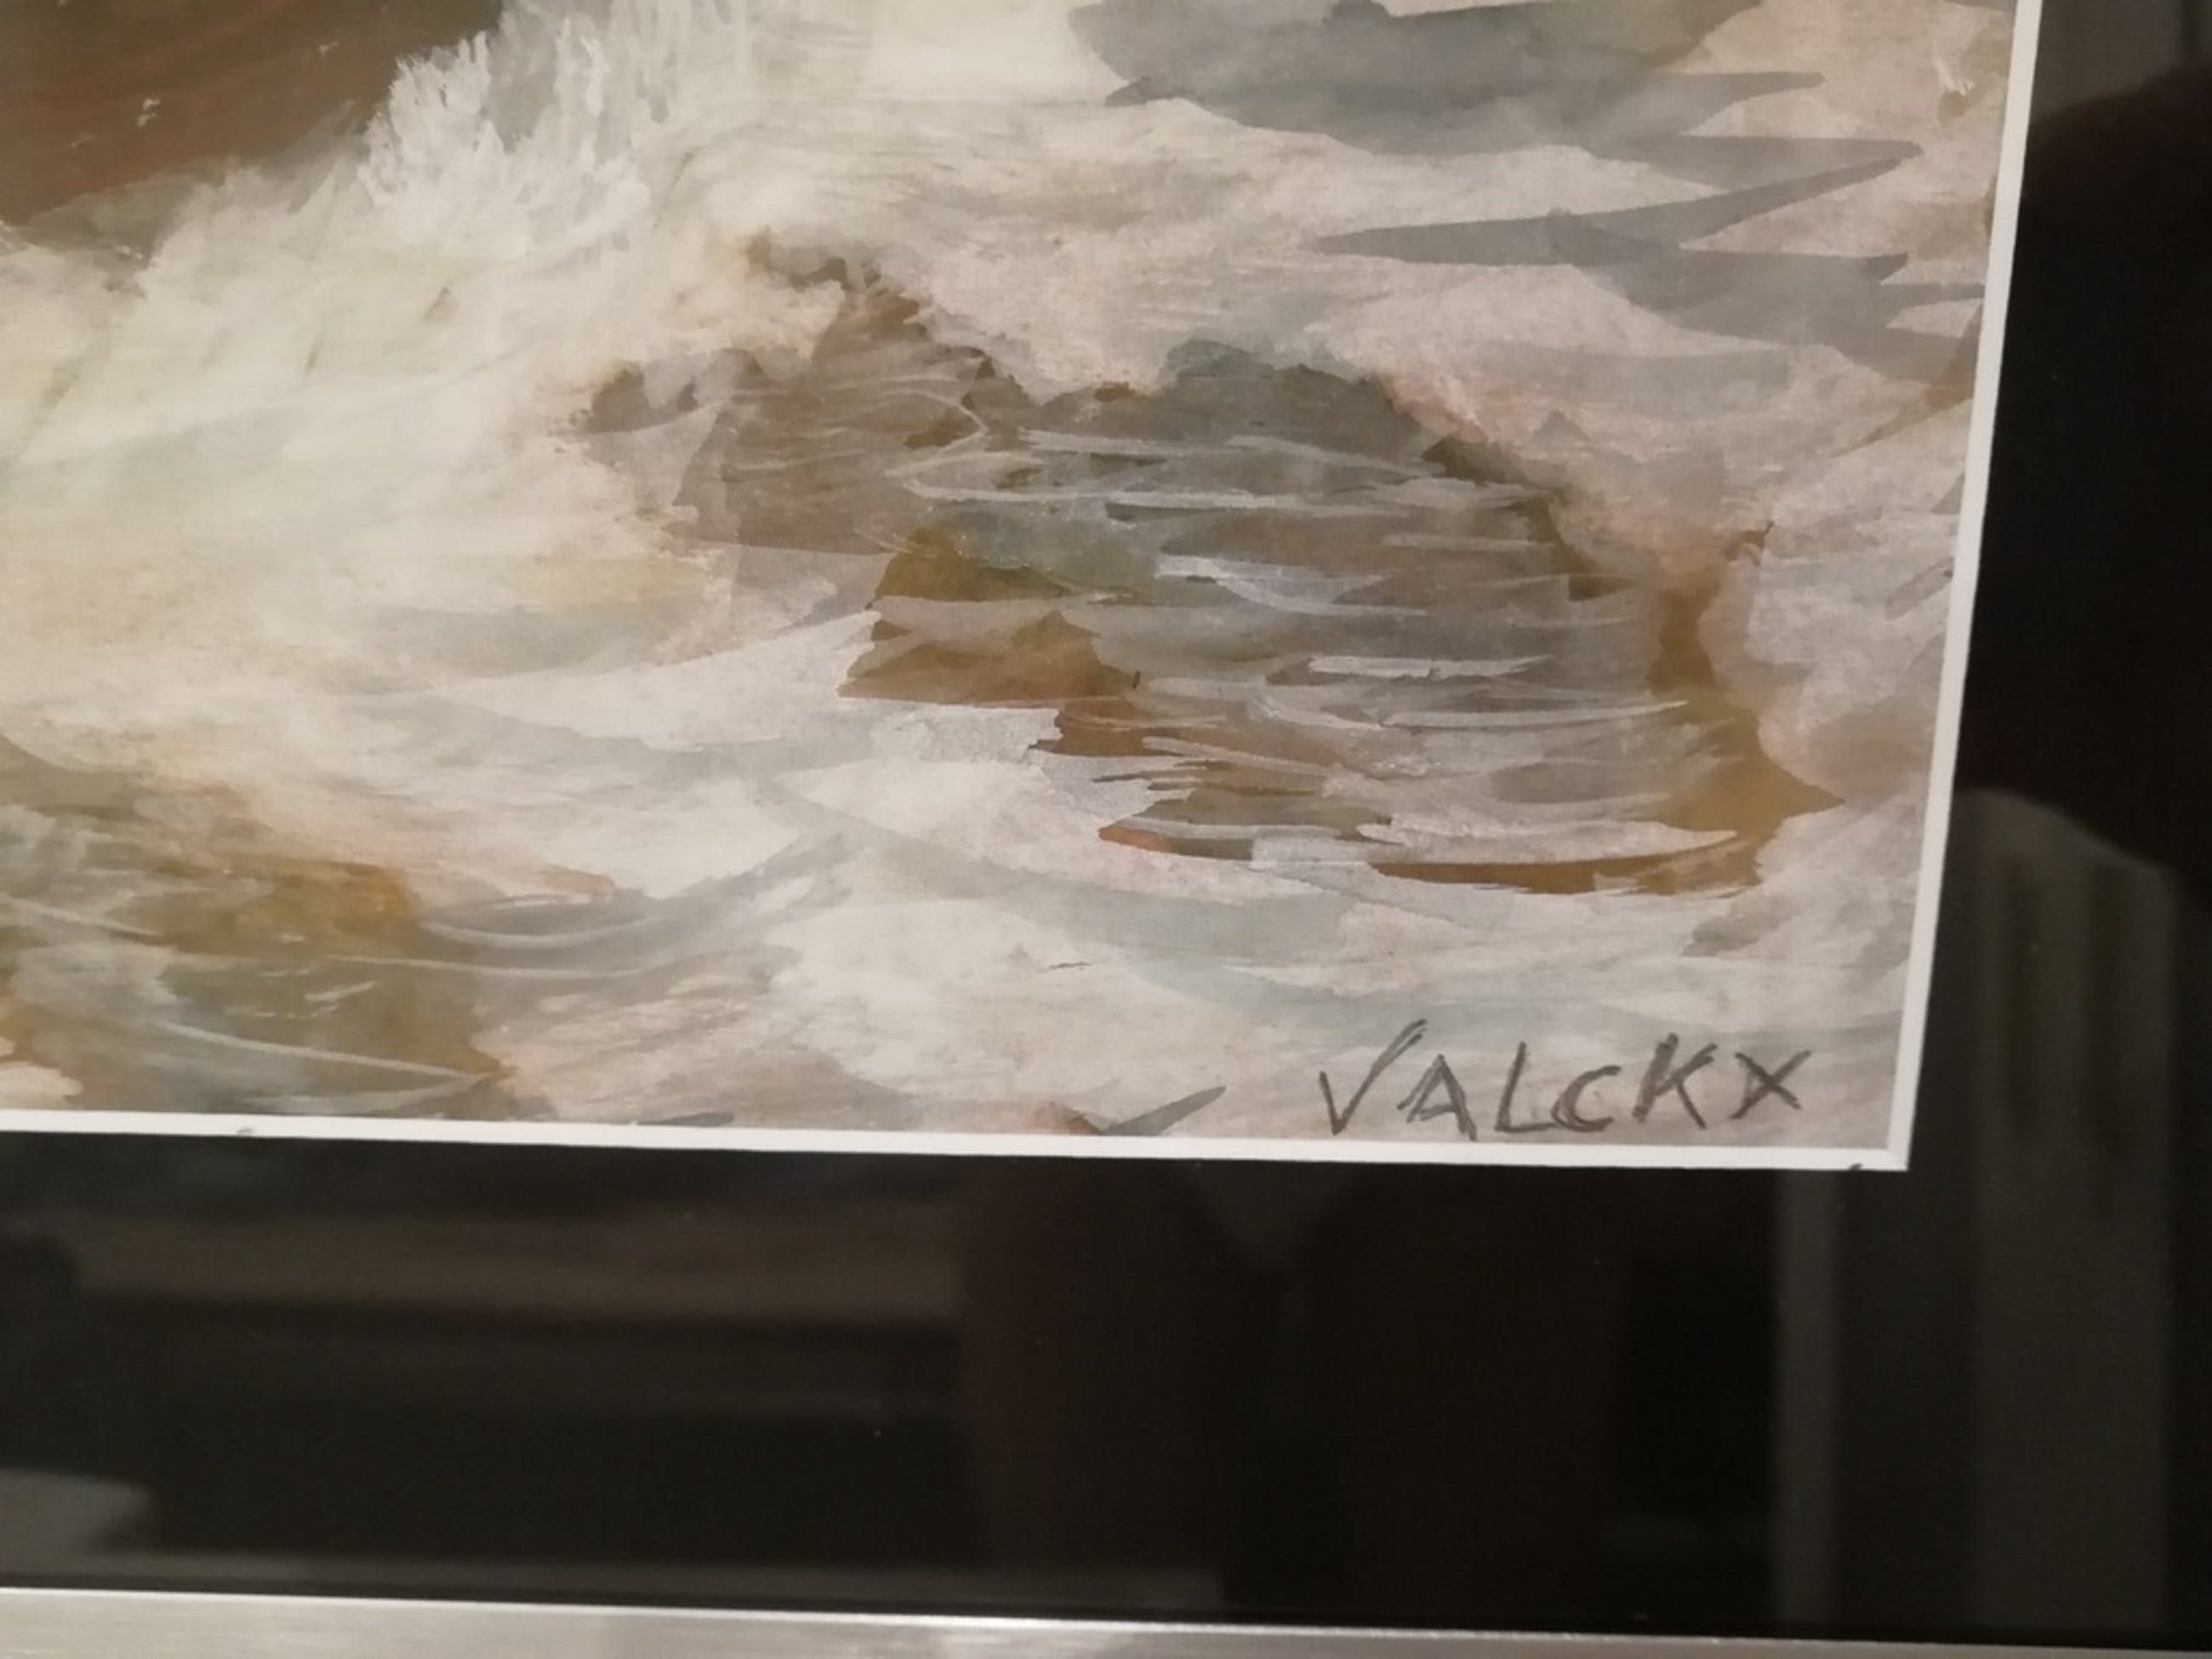 prachtige marine van Petrus Valckx 1920 - pastel op karton - gesigneerd kopen? Bied vanaf 100!